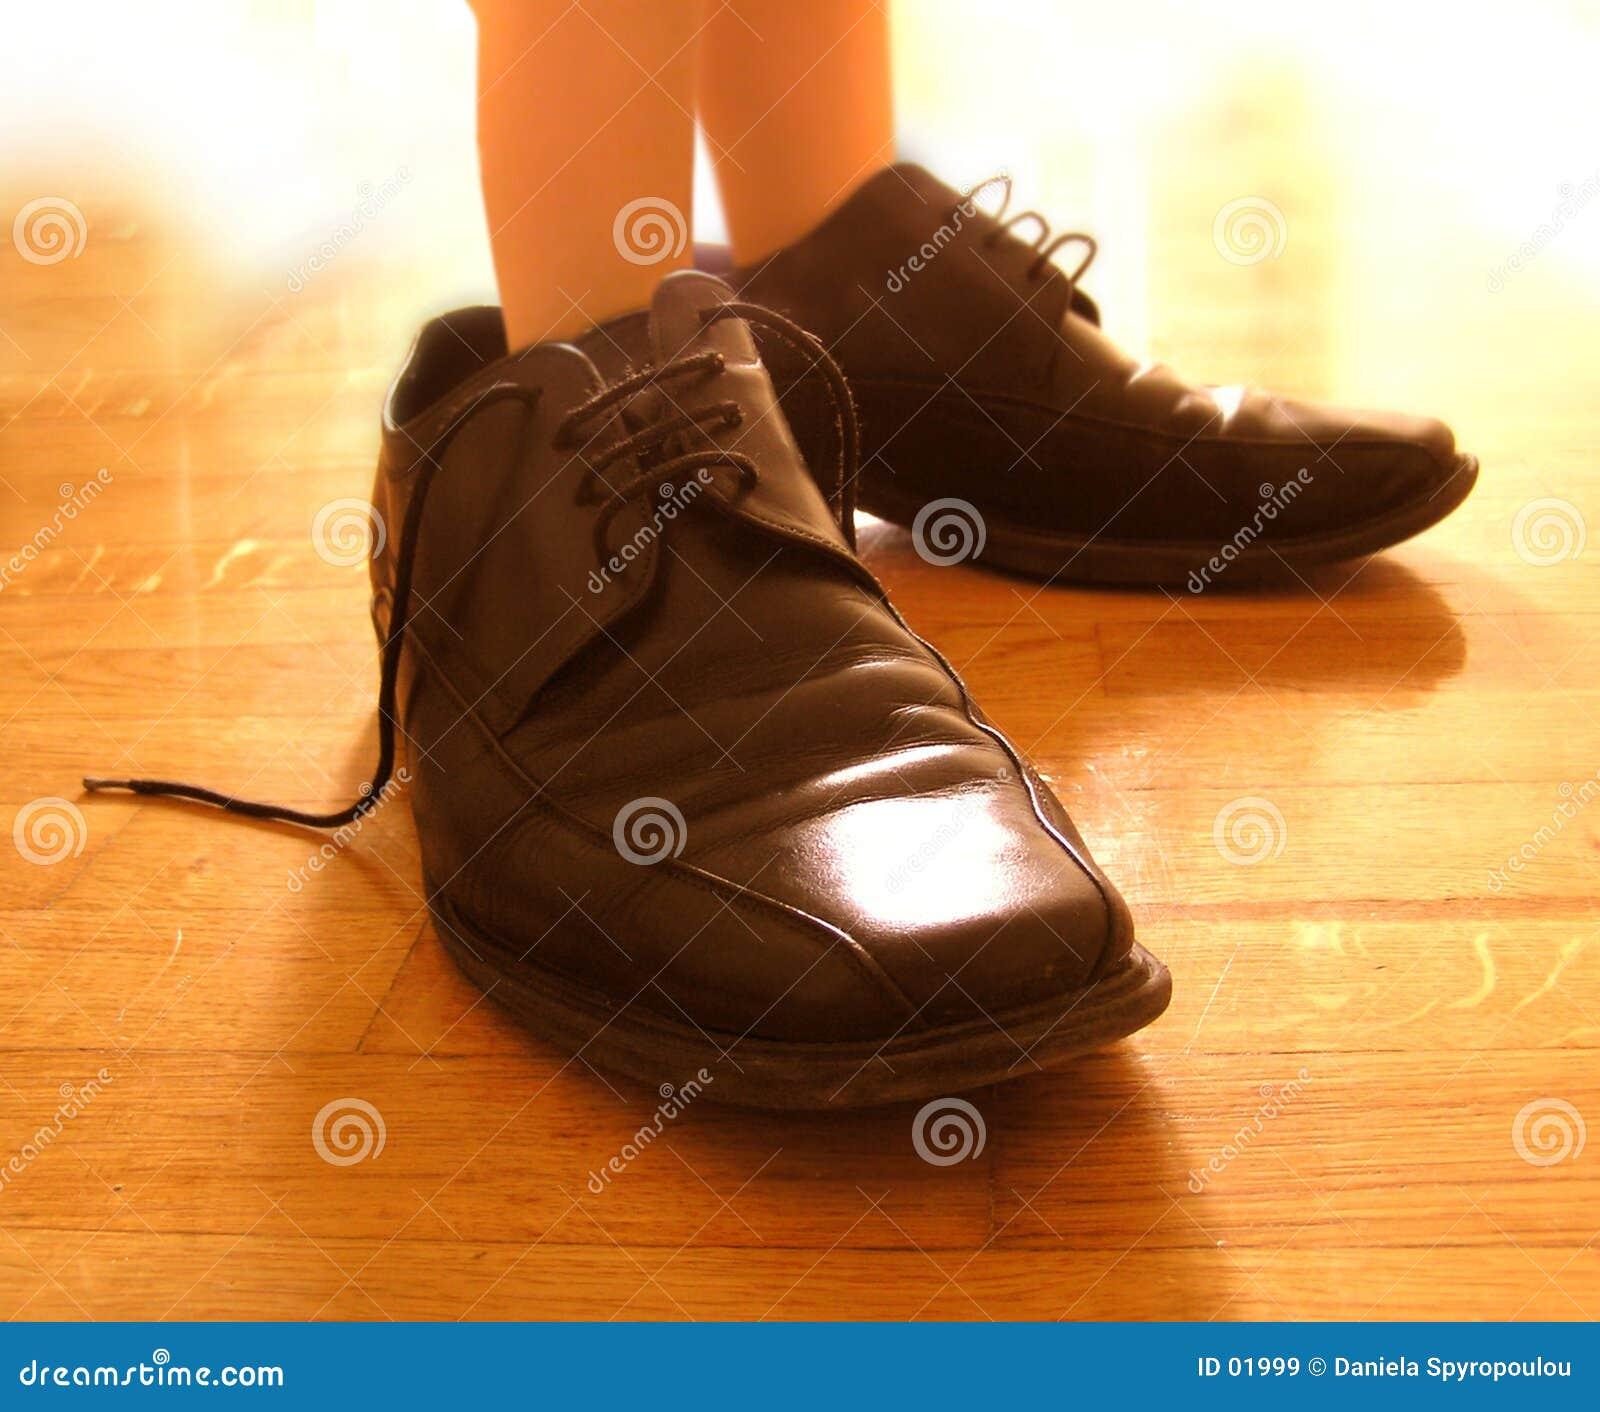 Download Petits Pieds Dans De Grandes Chaussures Image stock - Image du gosses, développez: 1999